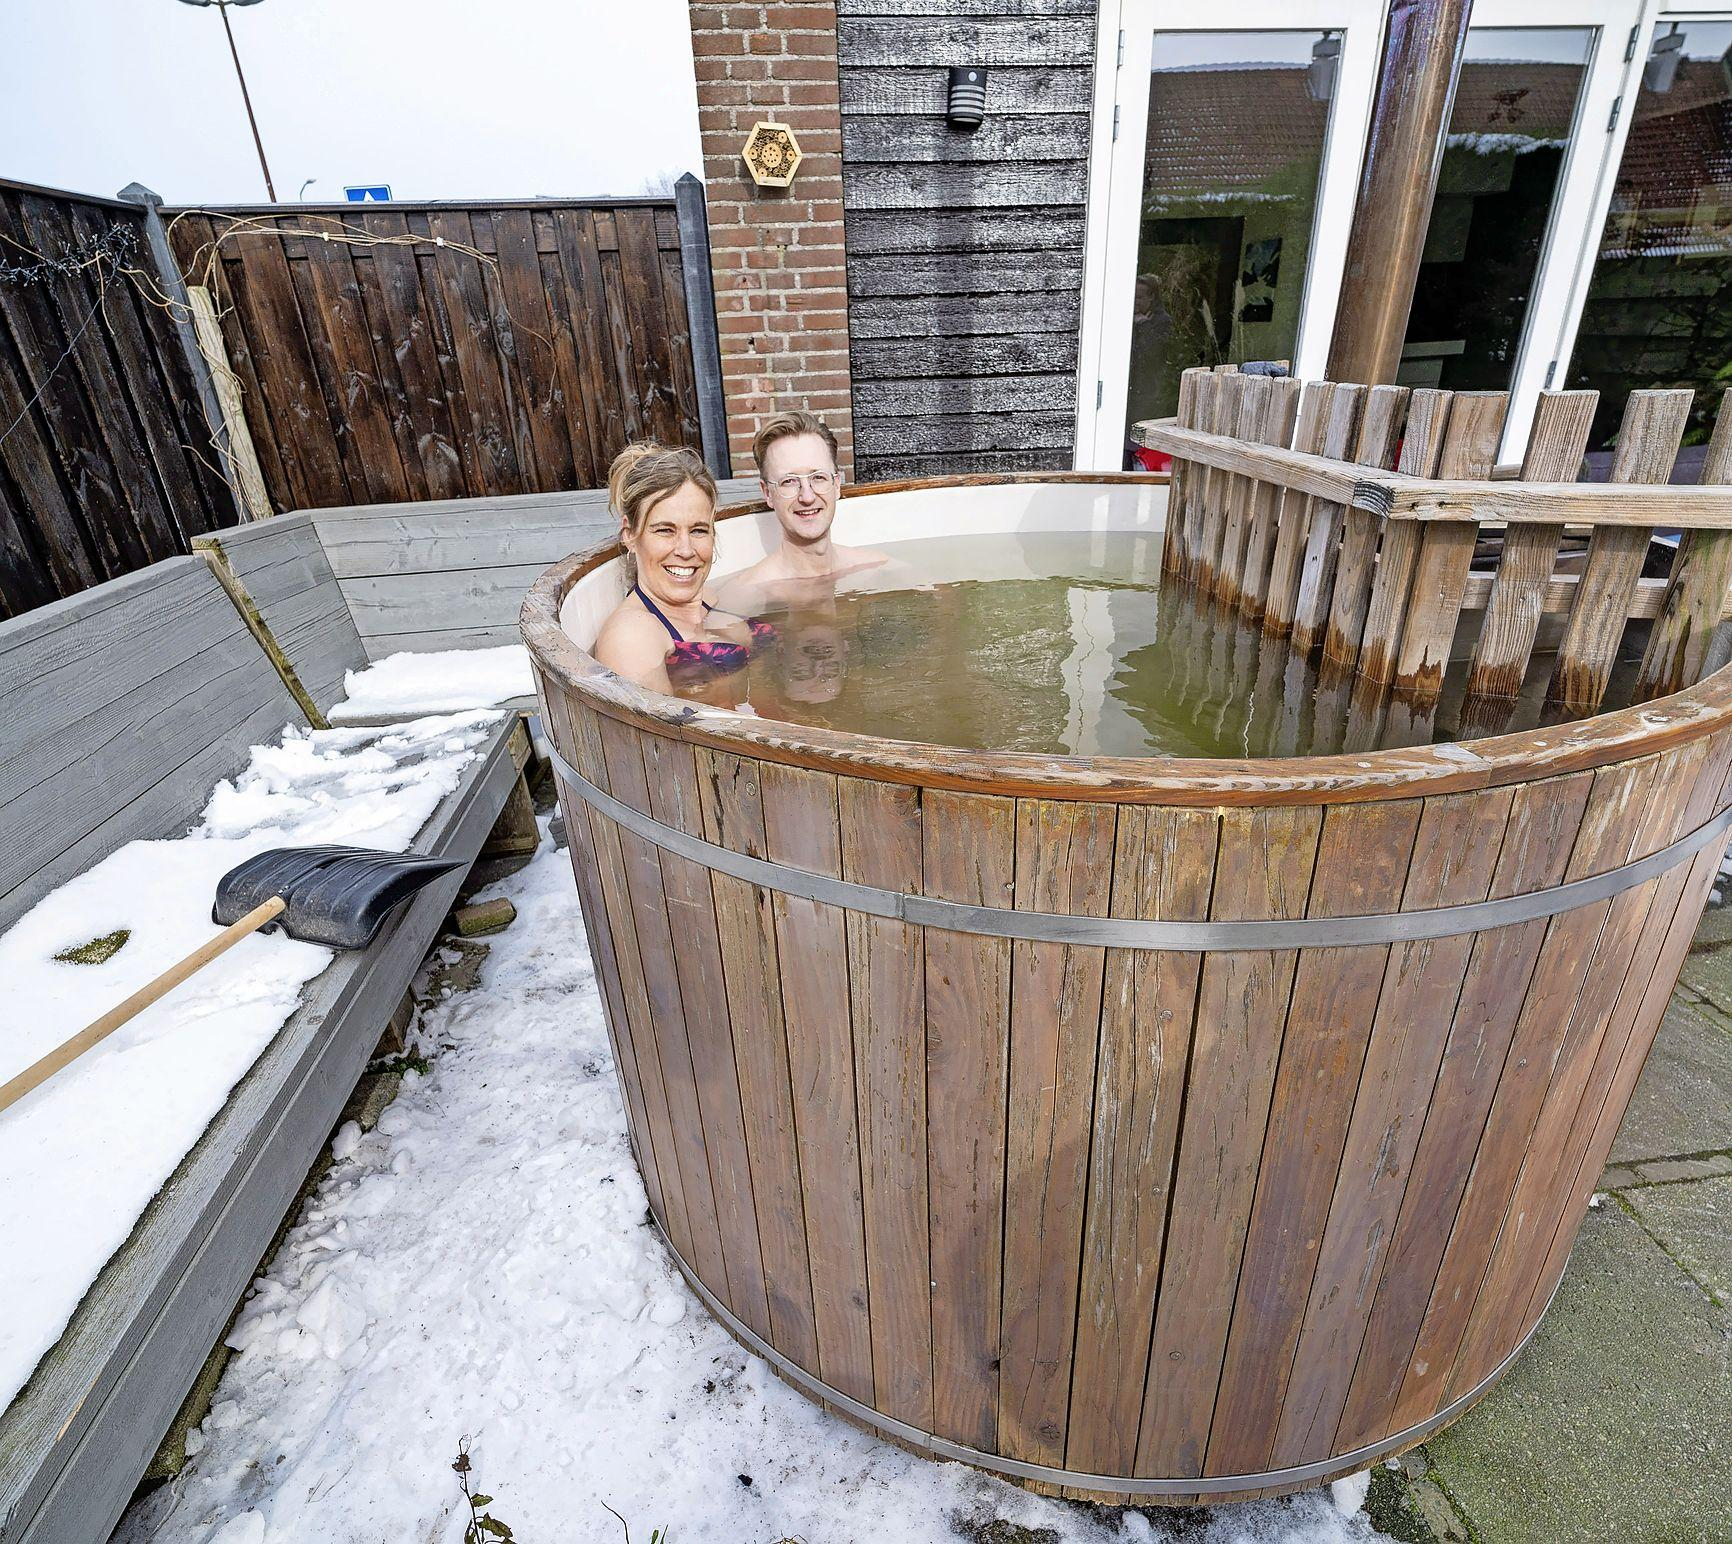 Geen winterjas aan maar een bikini of zwembroek: Martijn en Esmaralde Wokke vieren hun Valentijnsdag met een 'weekendje weg' in eigen tuin, inclusief hottub